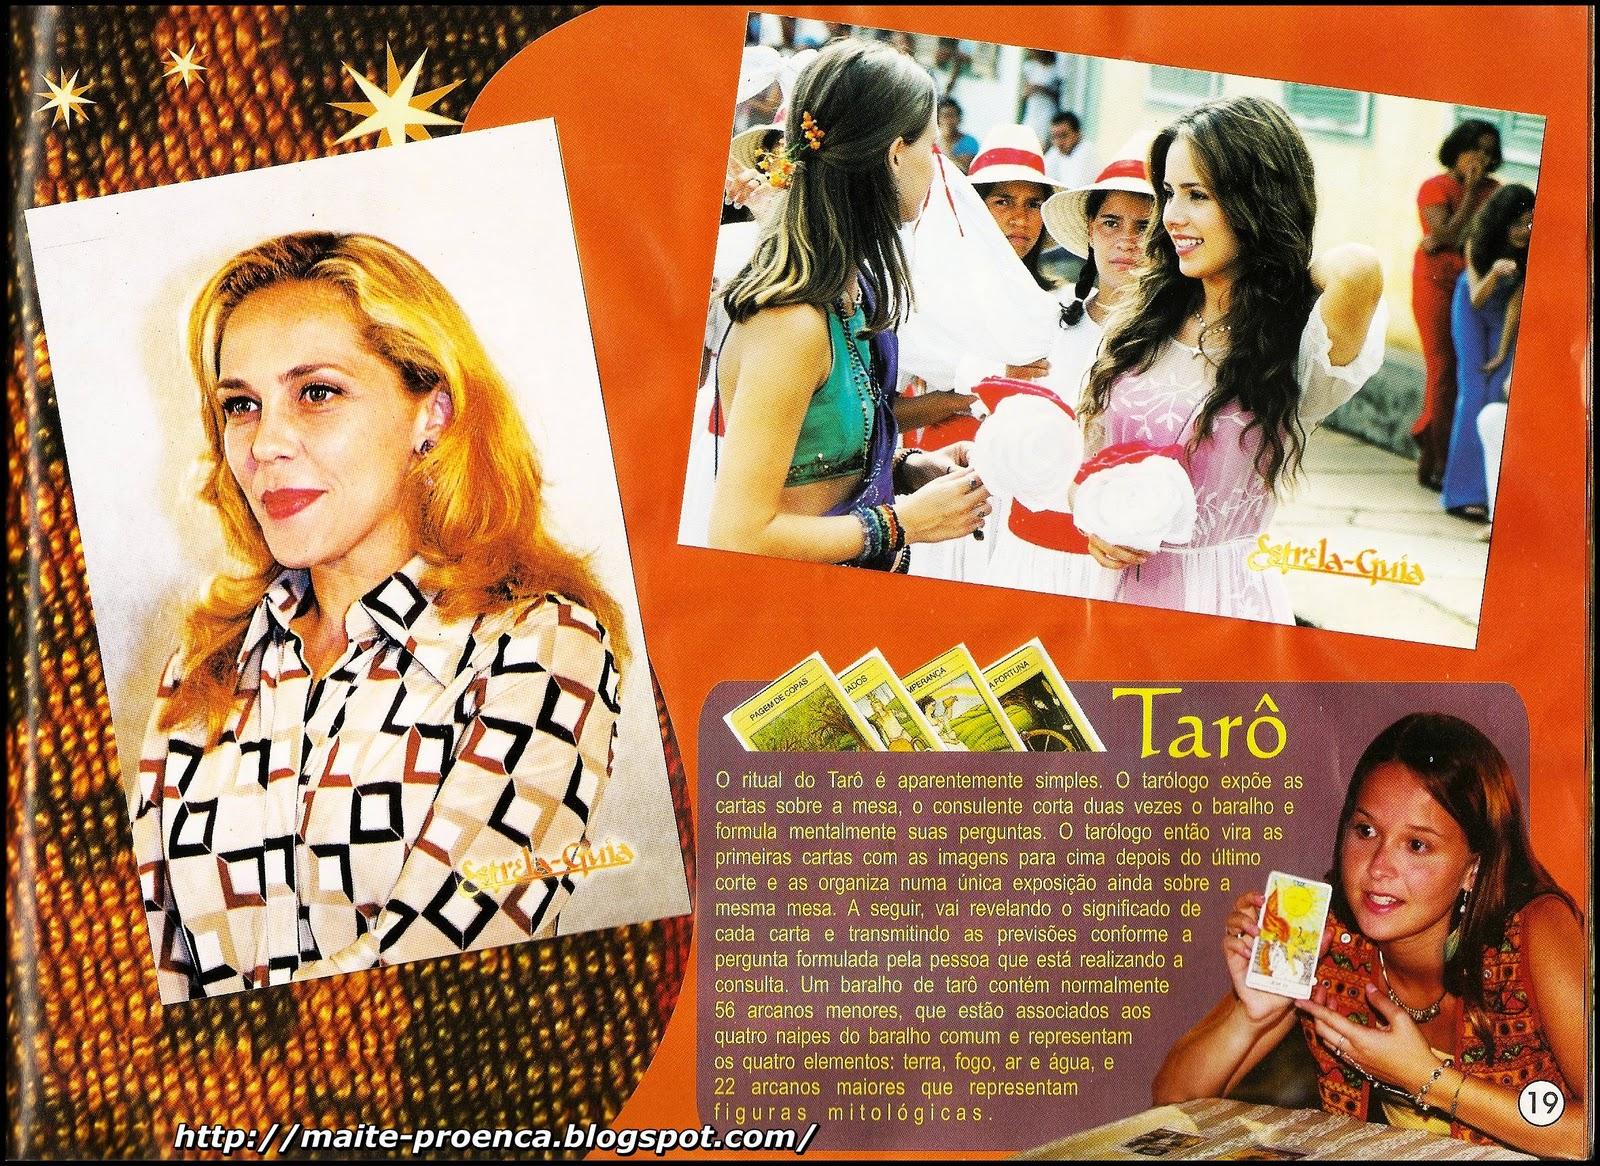 691+2001+Estrela+Guia+Album+(18).jpg